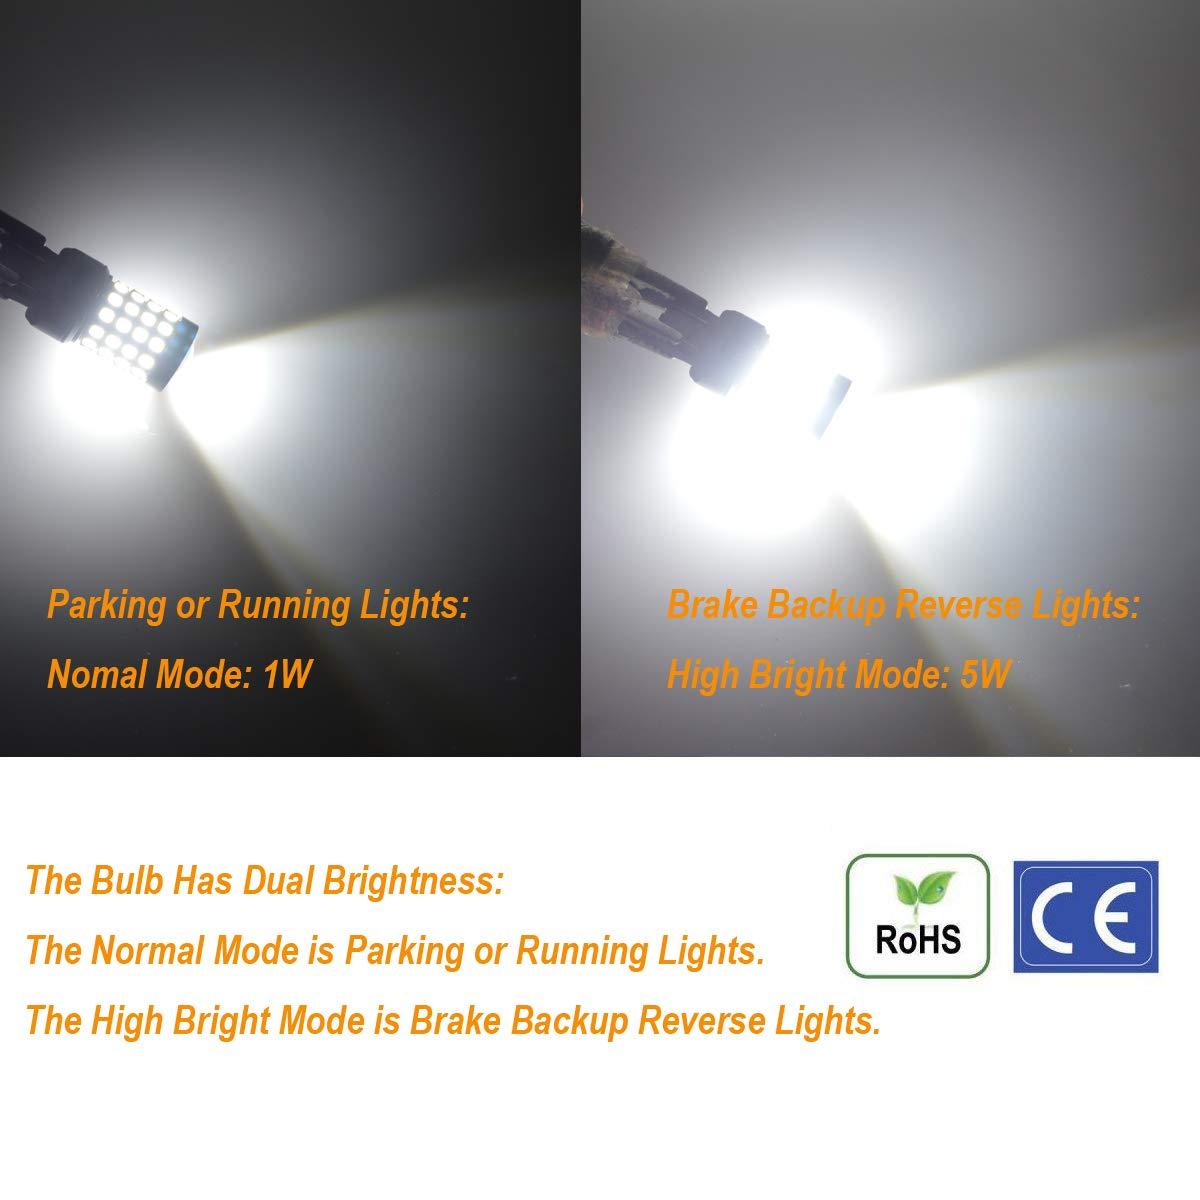 Xenon White Nakobo 1000 Lumen Back Up Tail Light T20 W21W 7440 LED Bulb Smart IC 9-30V Reverse Fog Lamp Pack of 2 7440-48+4W-10-30V